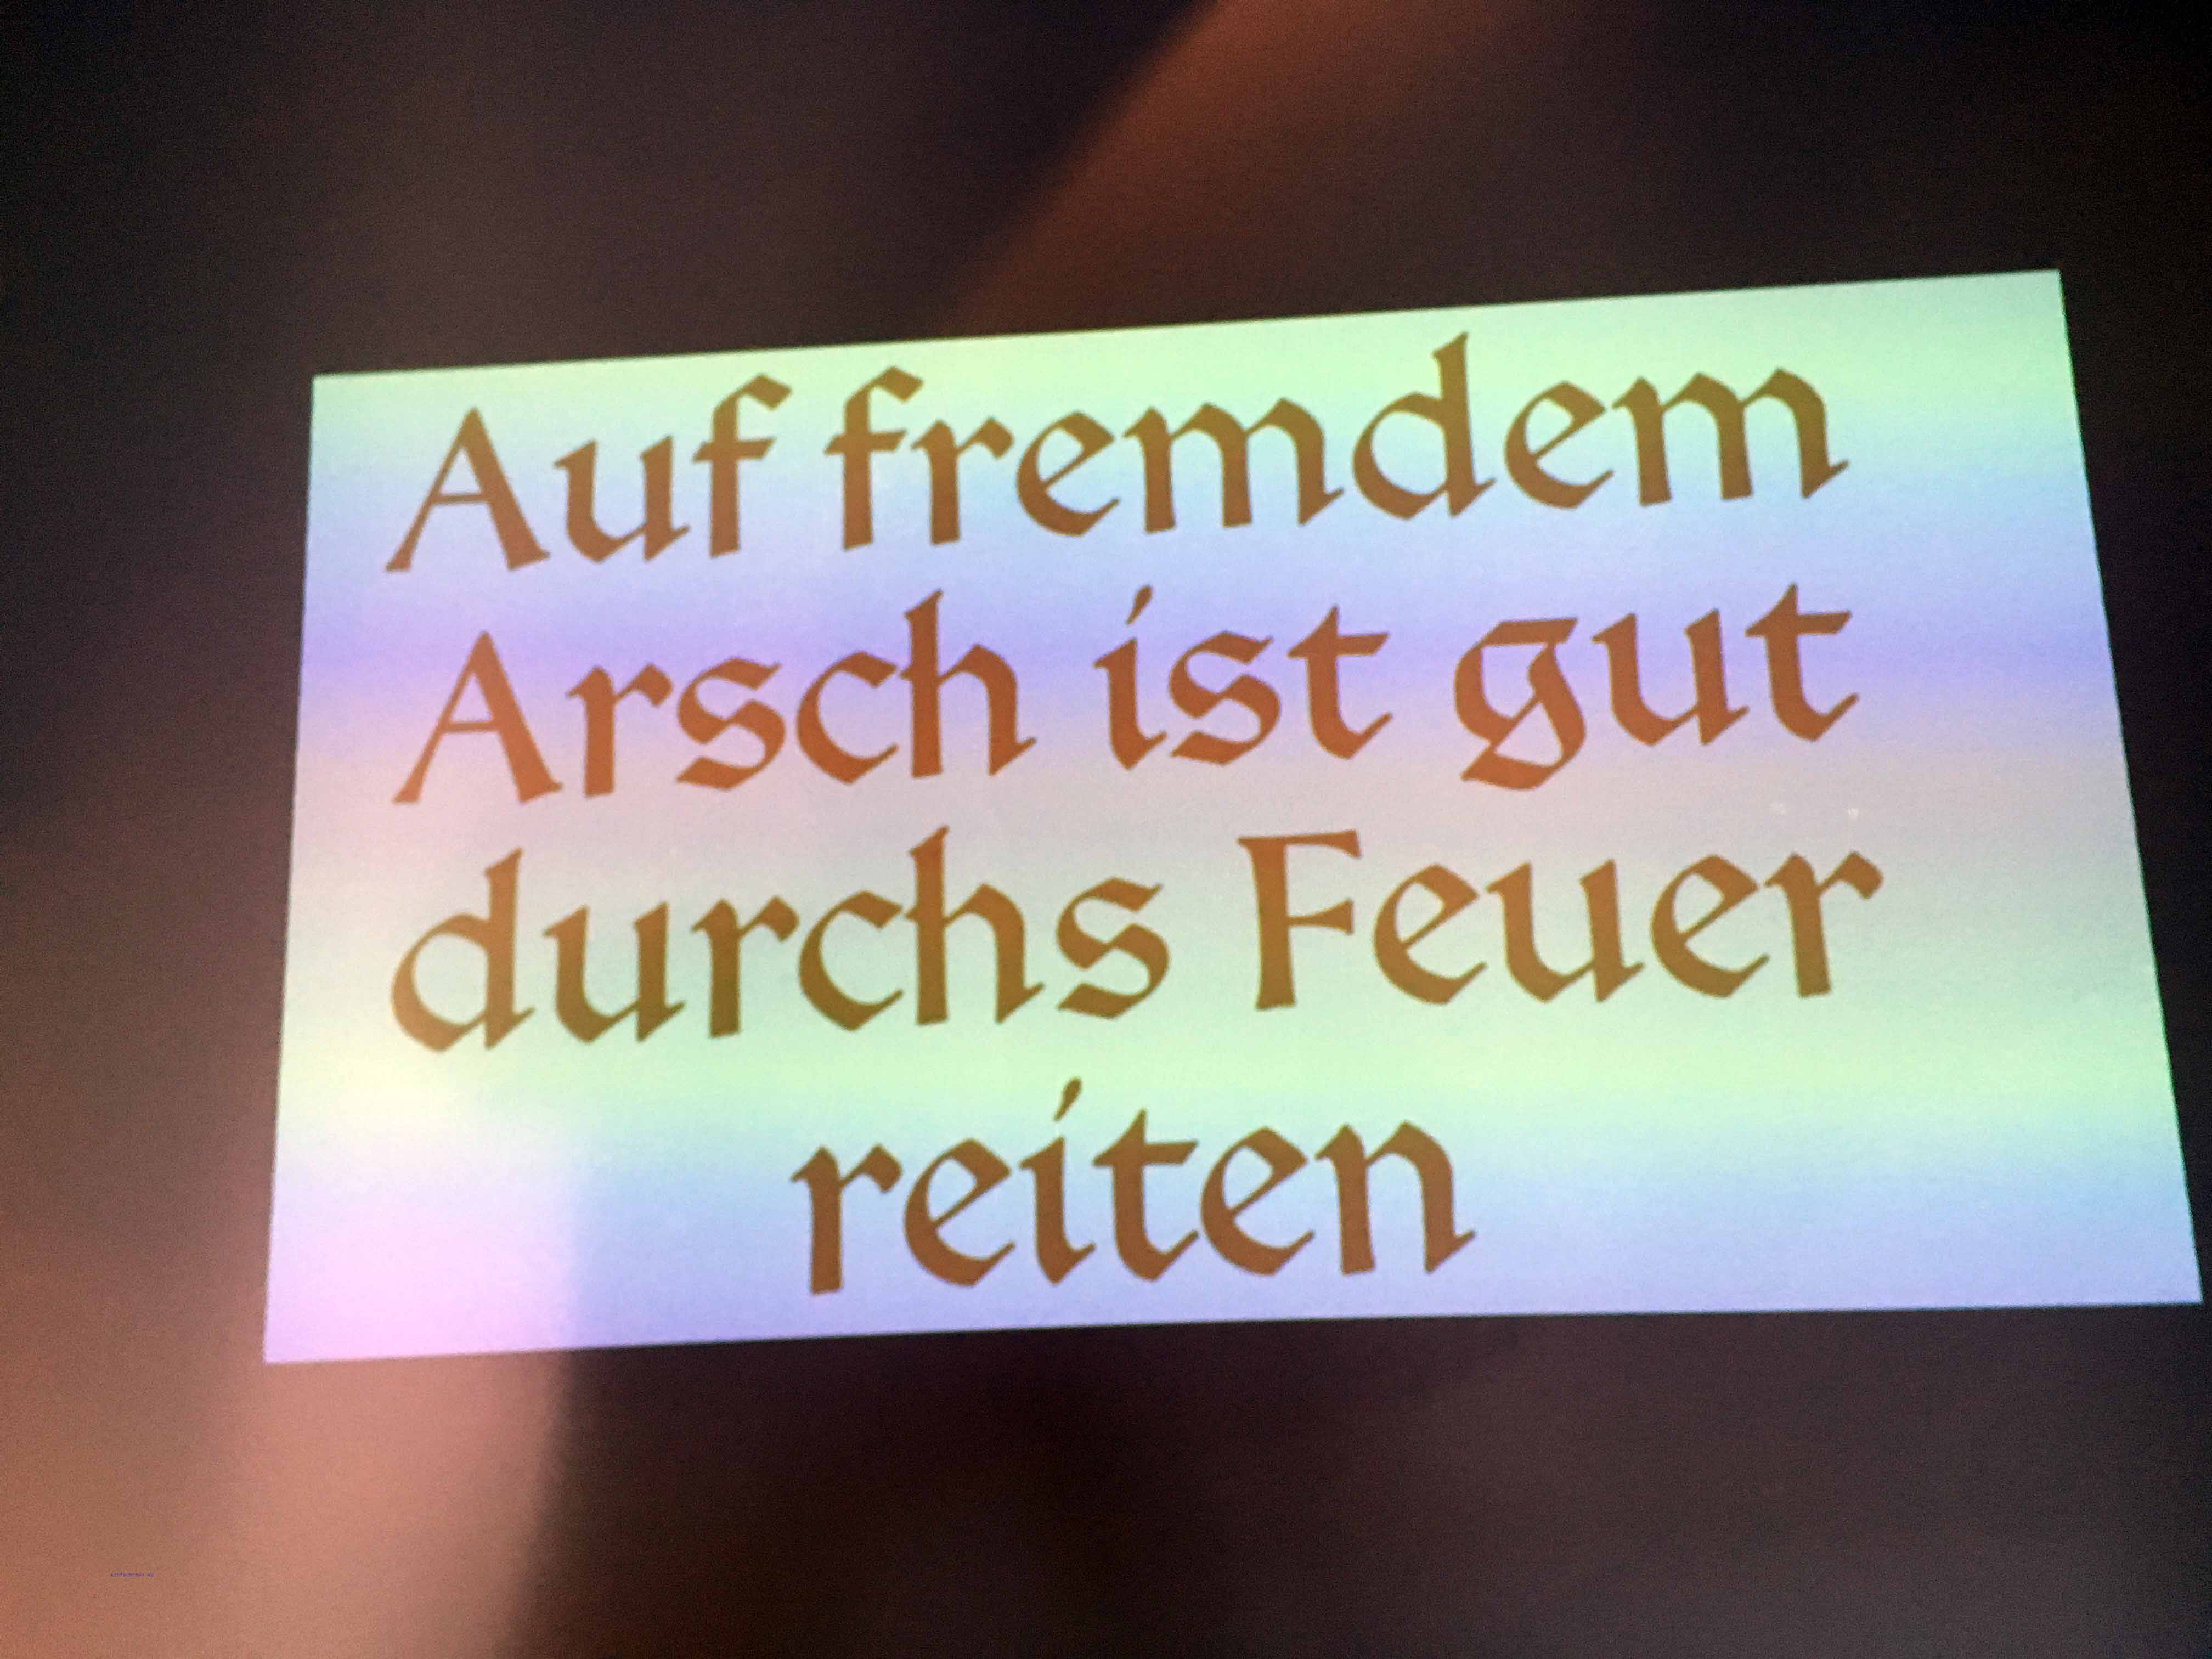 Sprichworte aus Luthers Feder